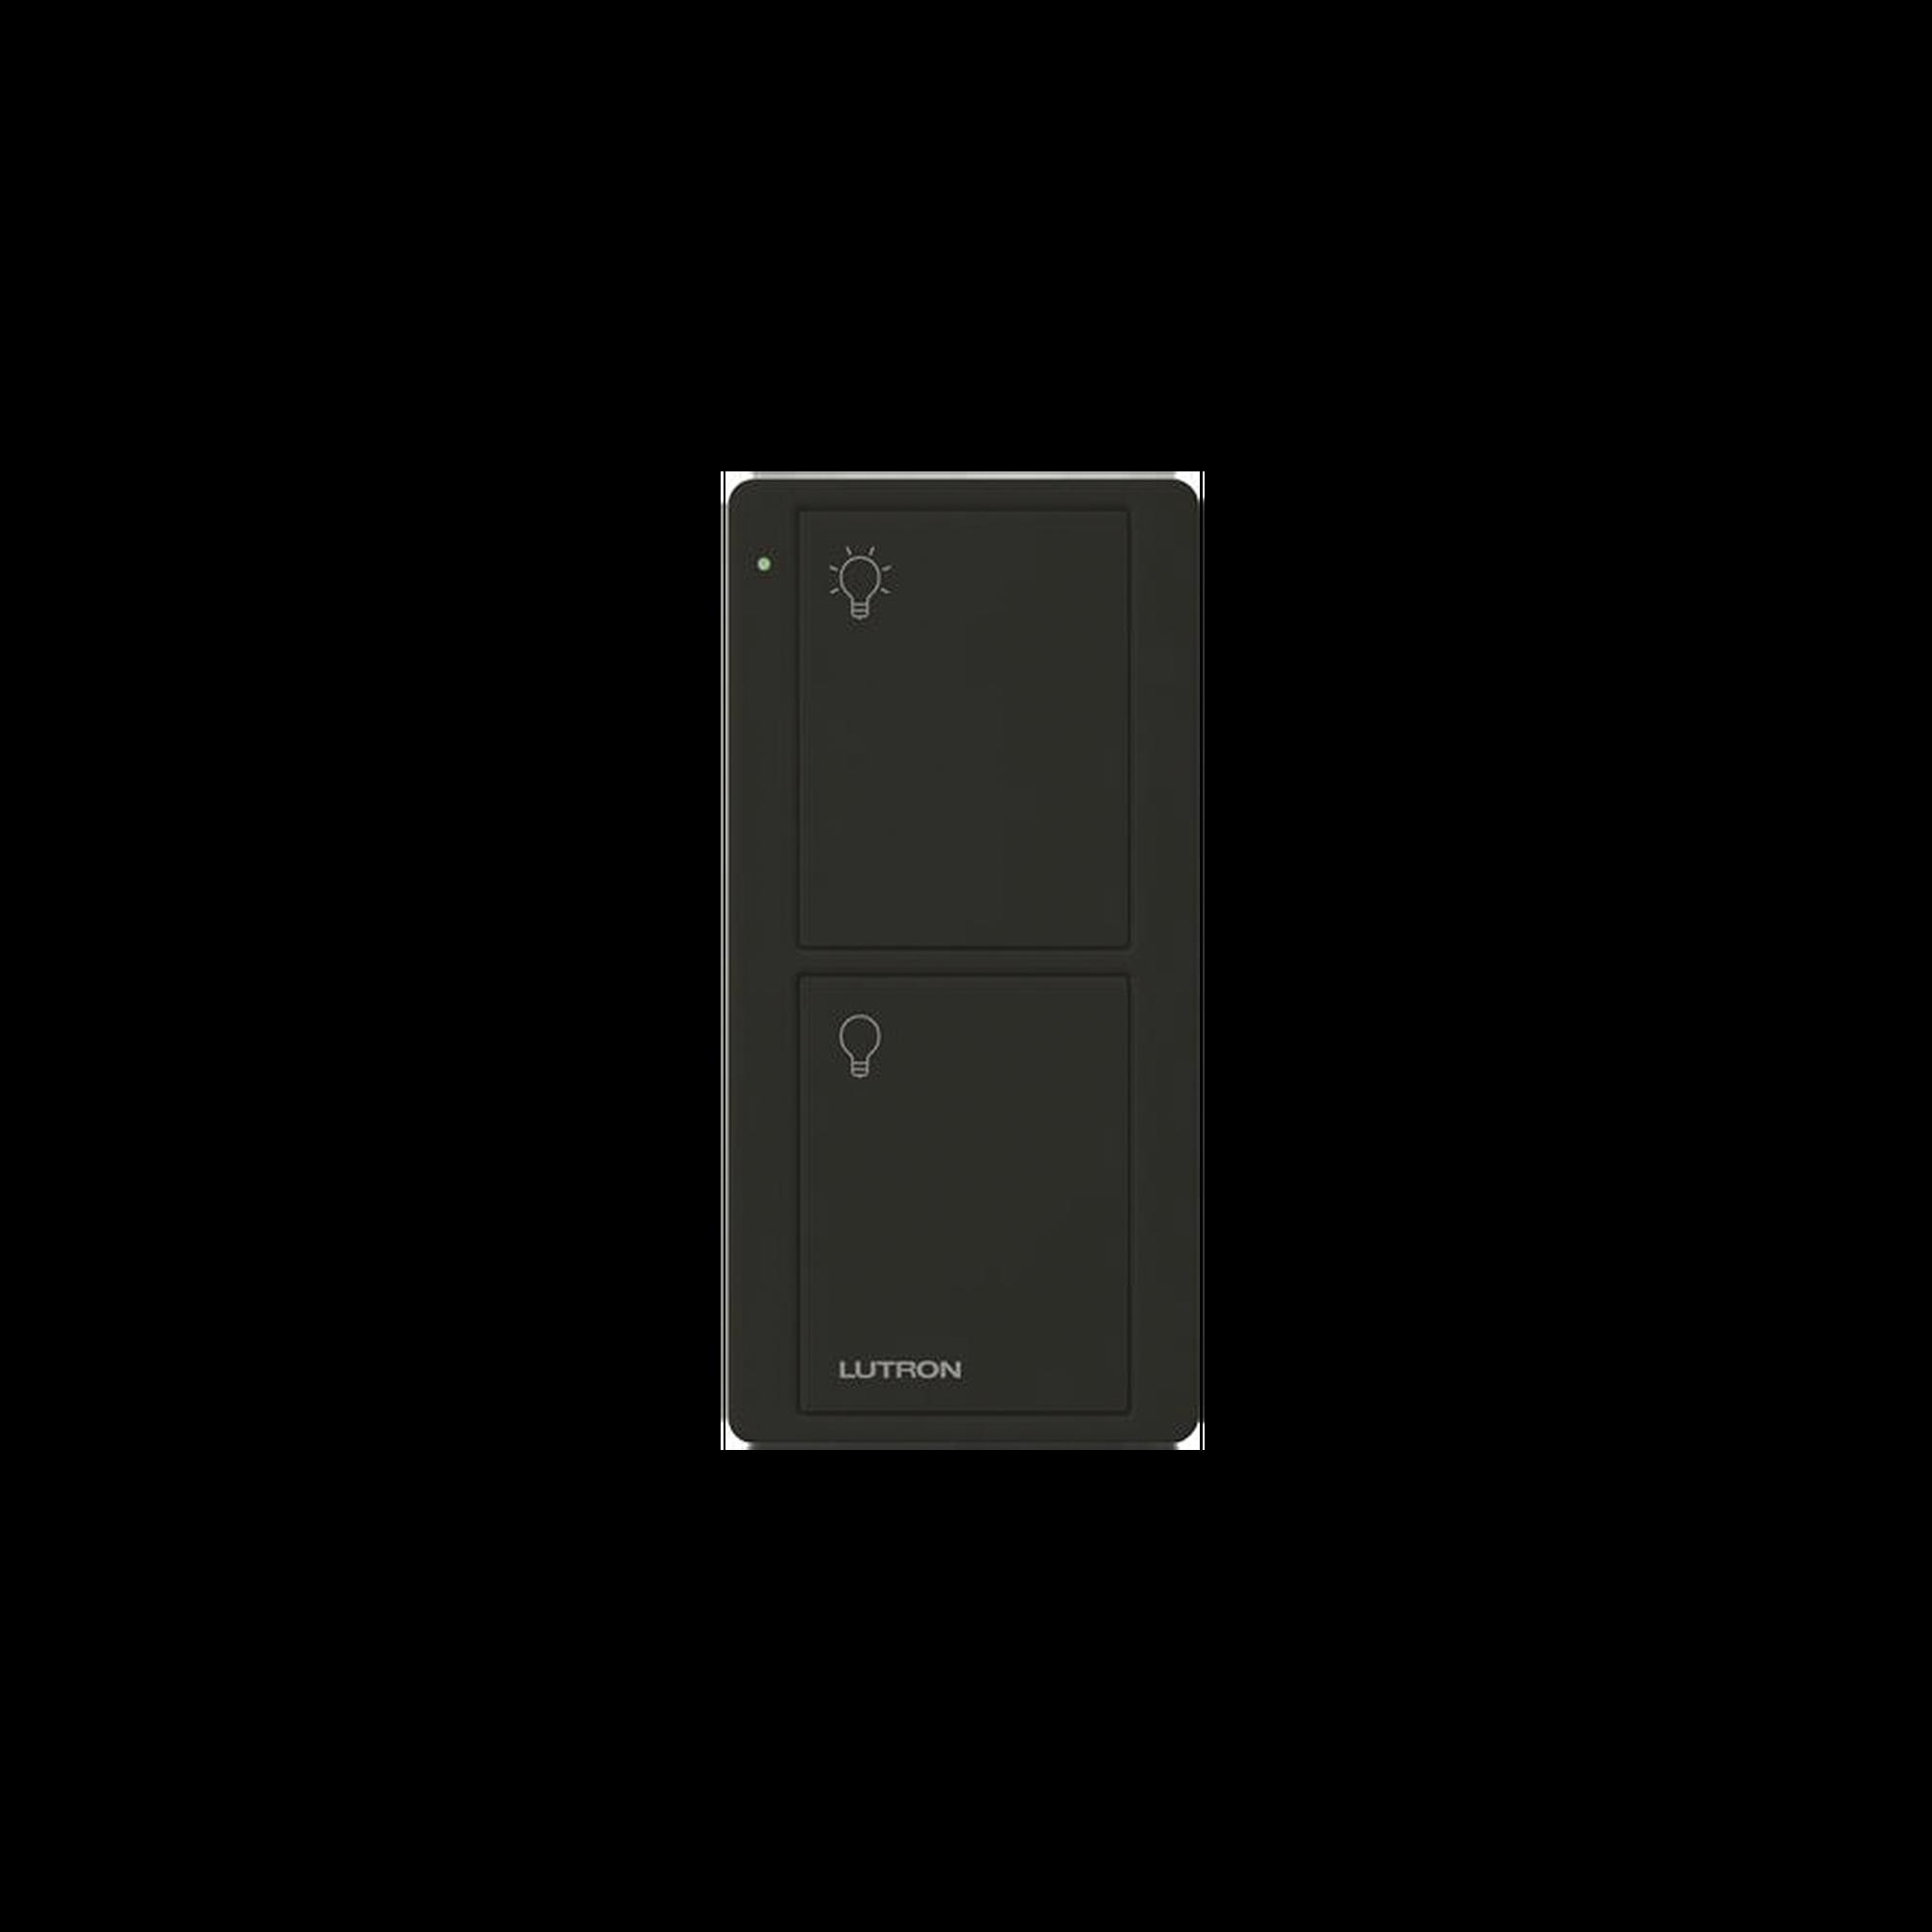 Control remoto PICO 2 botones encender/apagar, color negro, complemente con un switch on/off, Caseta, RA2, RadioRa2